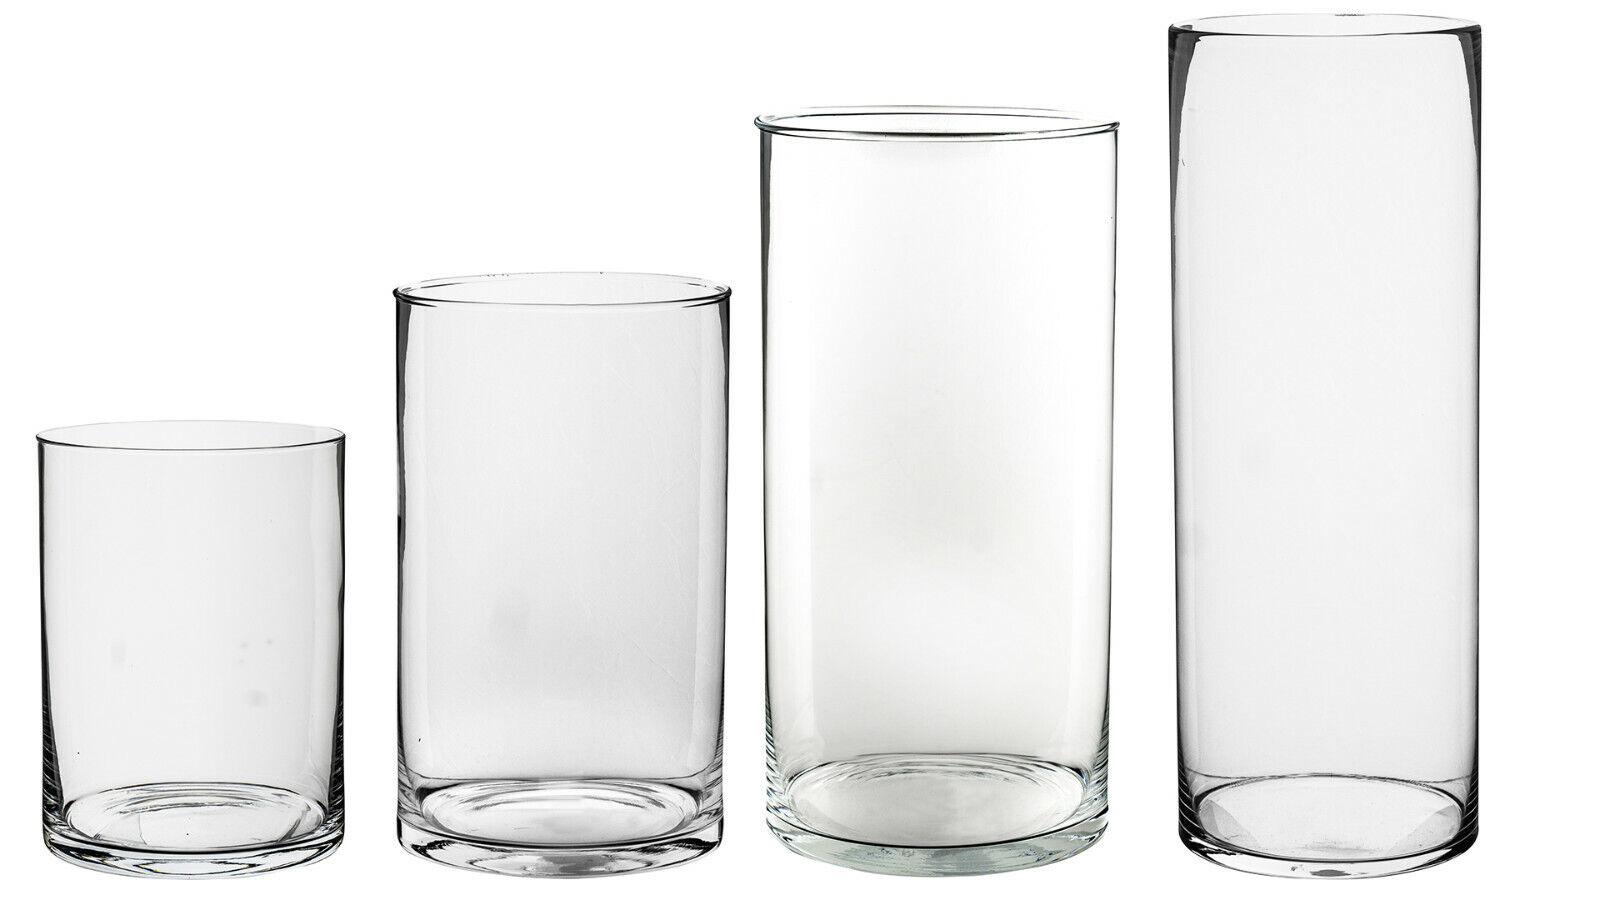 Vasen Glas Dekogläser Zylinder Blumenvase D15 cm 1 Stk- 4 Größen